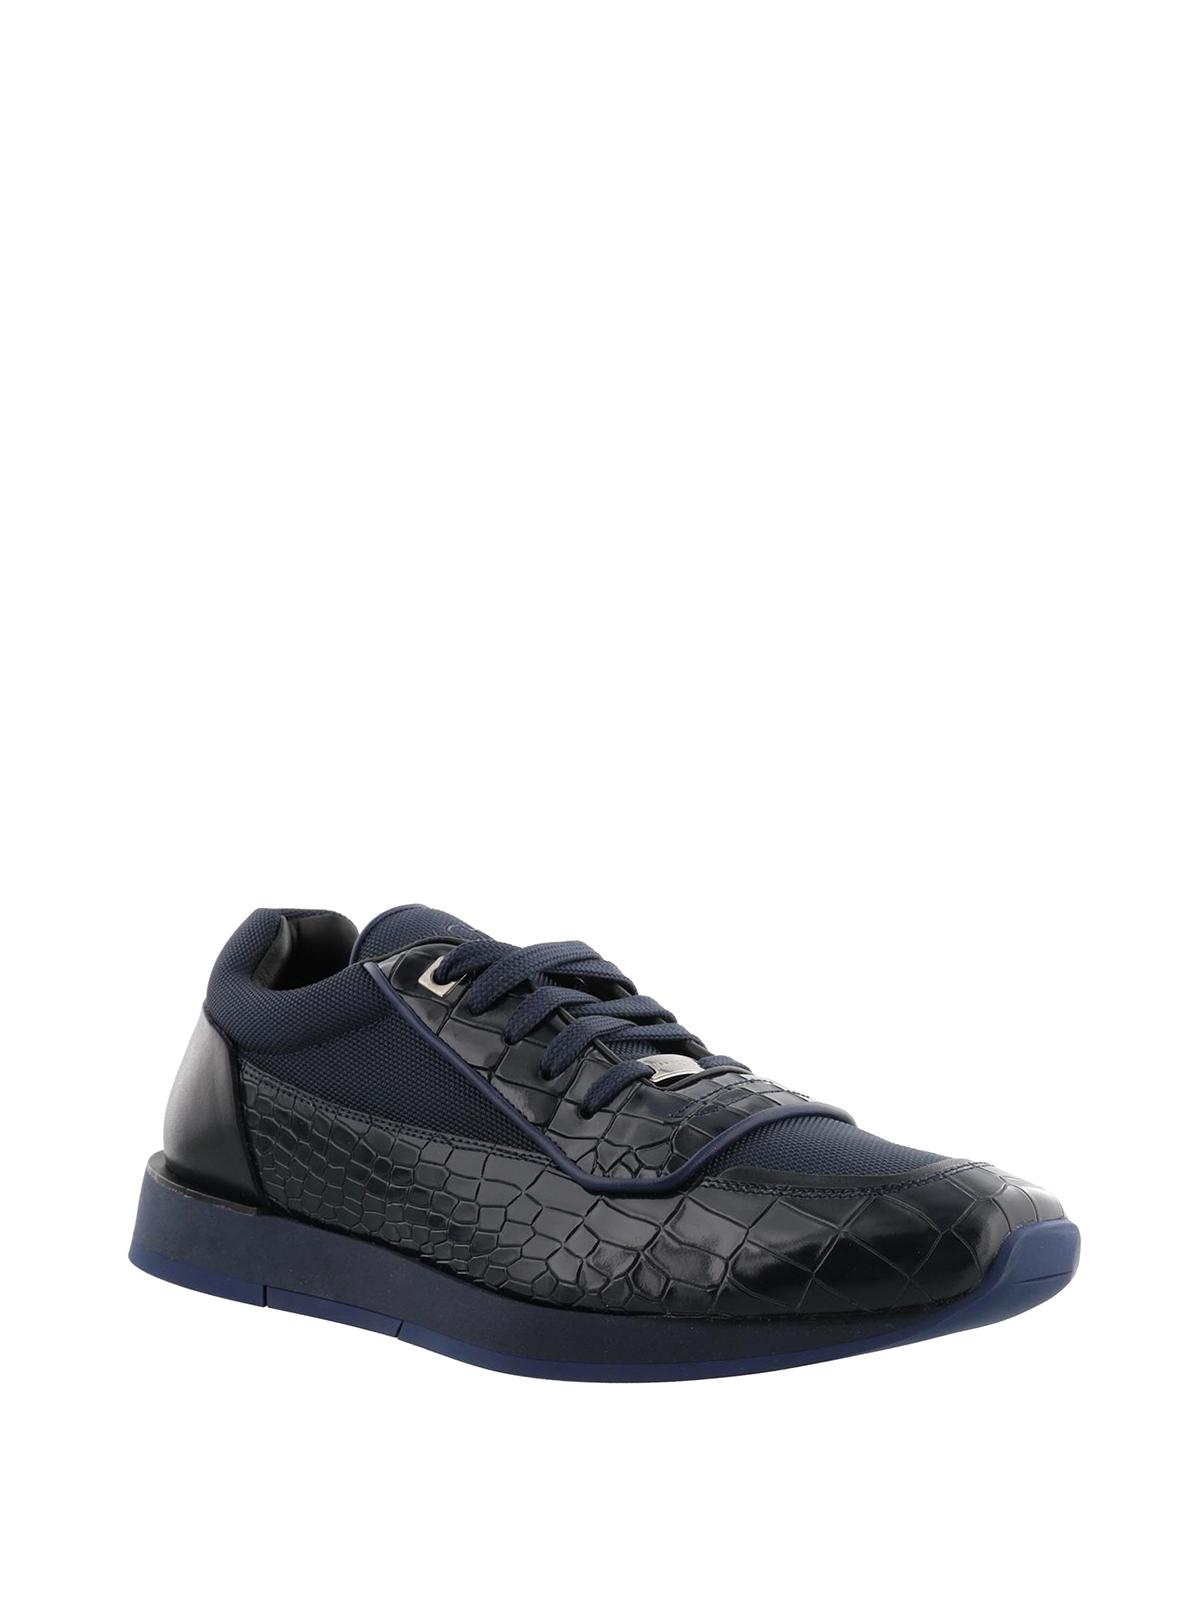 Jimmy Choo Chaussures De Sport - Bleu De Jett 7tpq7pdEcz